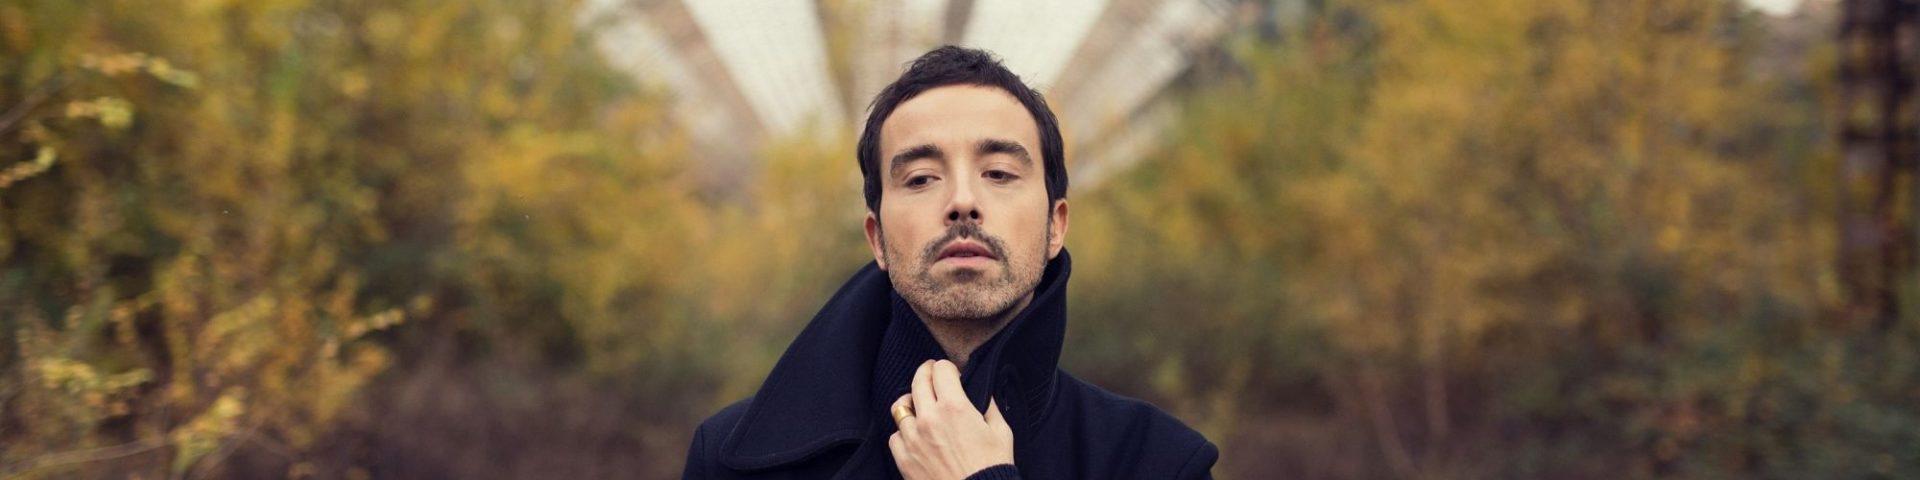 """Diodato: """"Fai rumore"""" è il titolo della canzone di Sanremo 2020"""